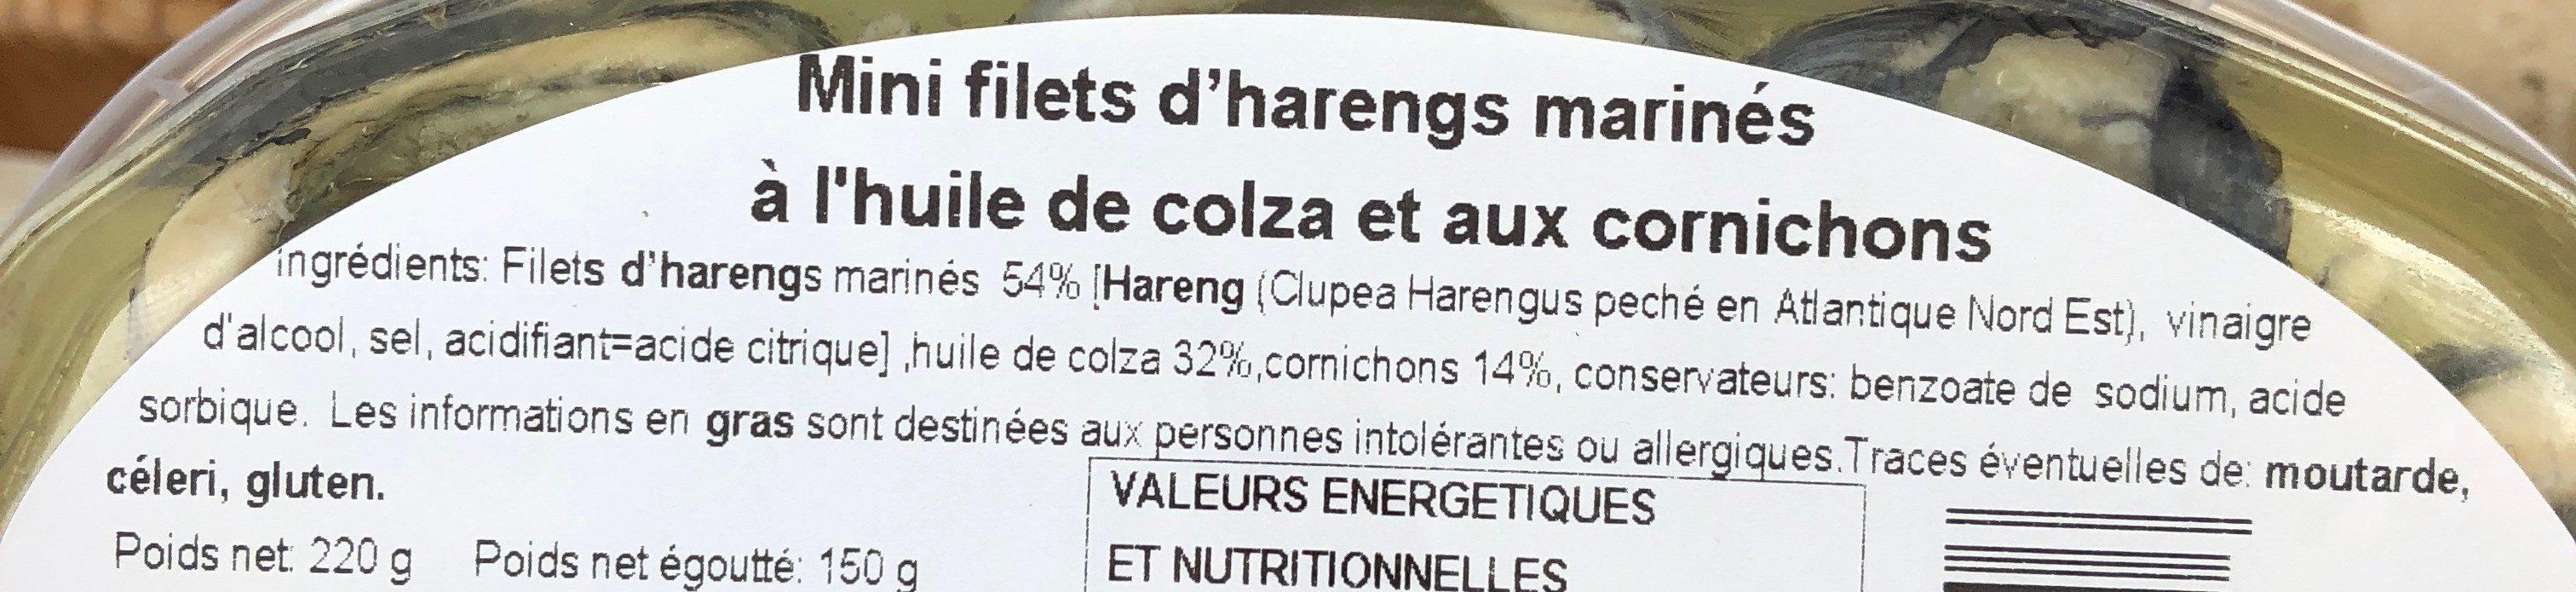 Mini filets d'harengs marinés aux cornichons - Ingredients - fr